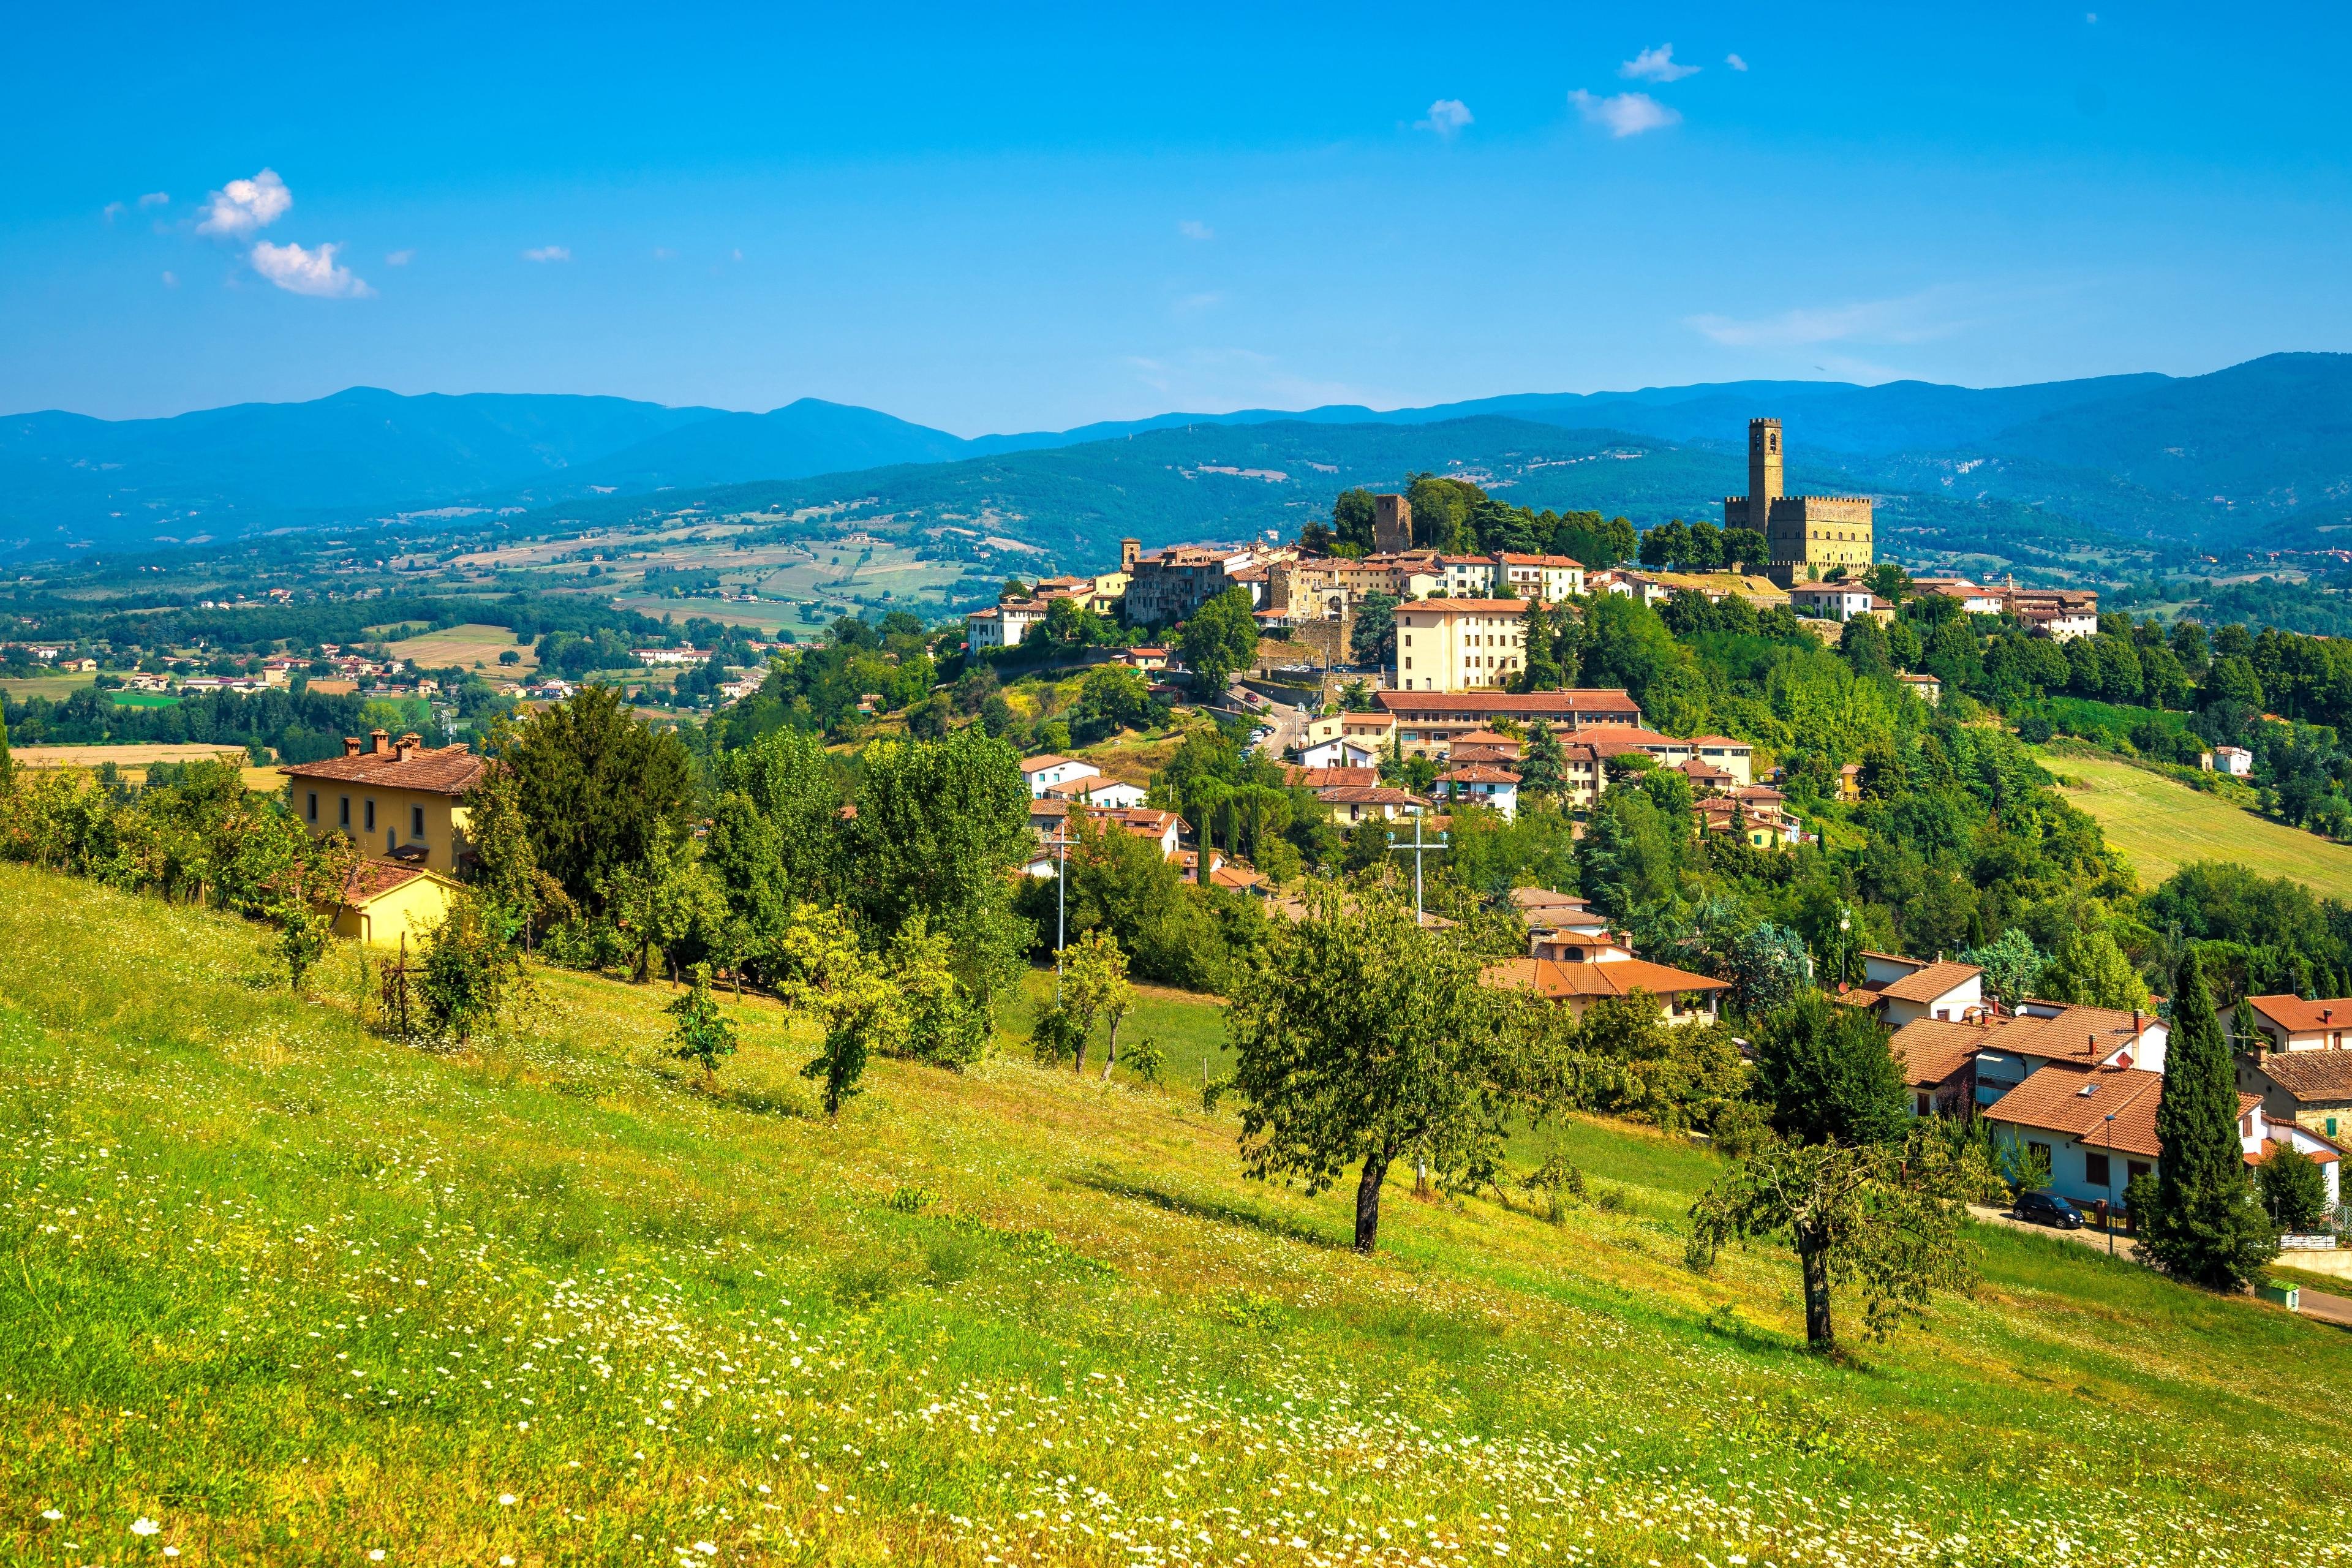 Poppi, Tuscany, Italy